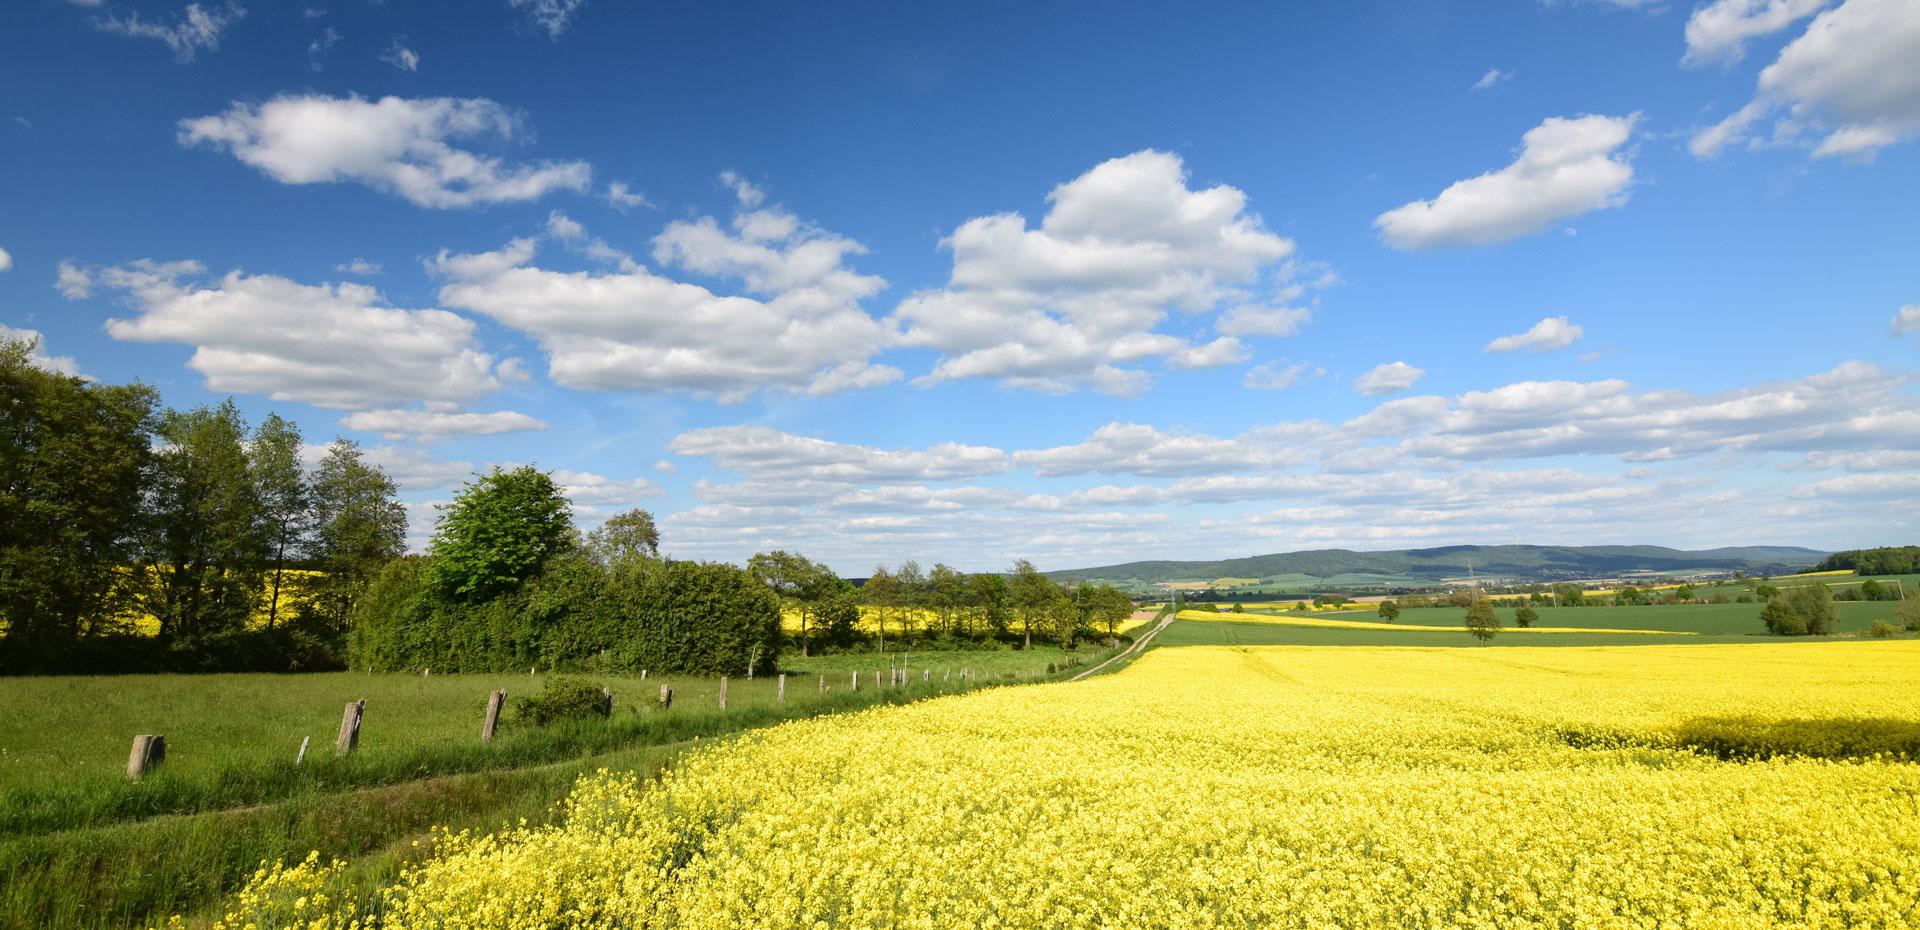 Sommer - Felder unter einem klaren blauen Himmel